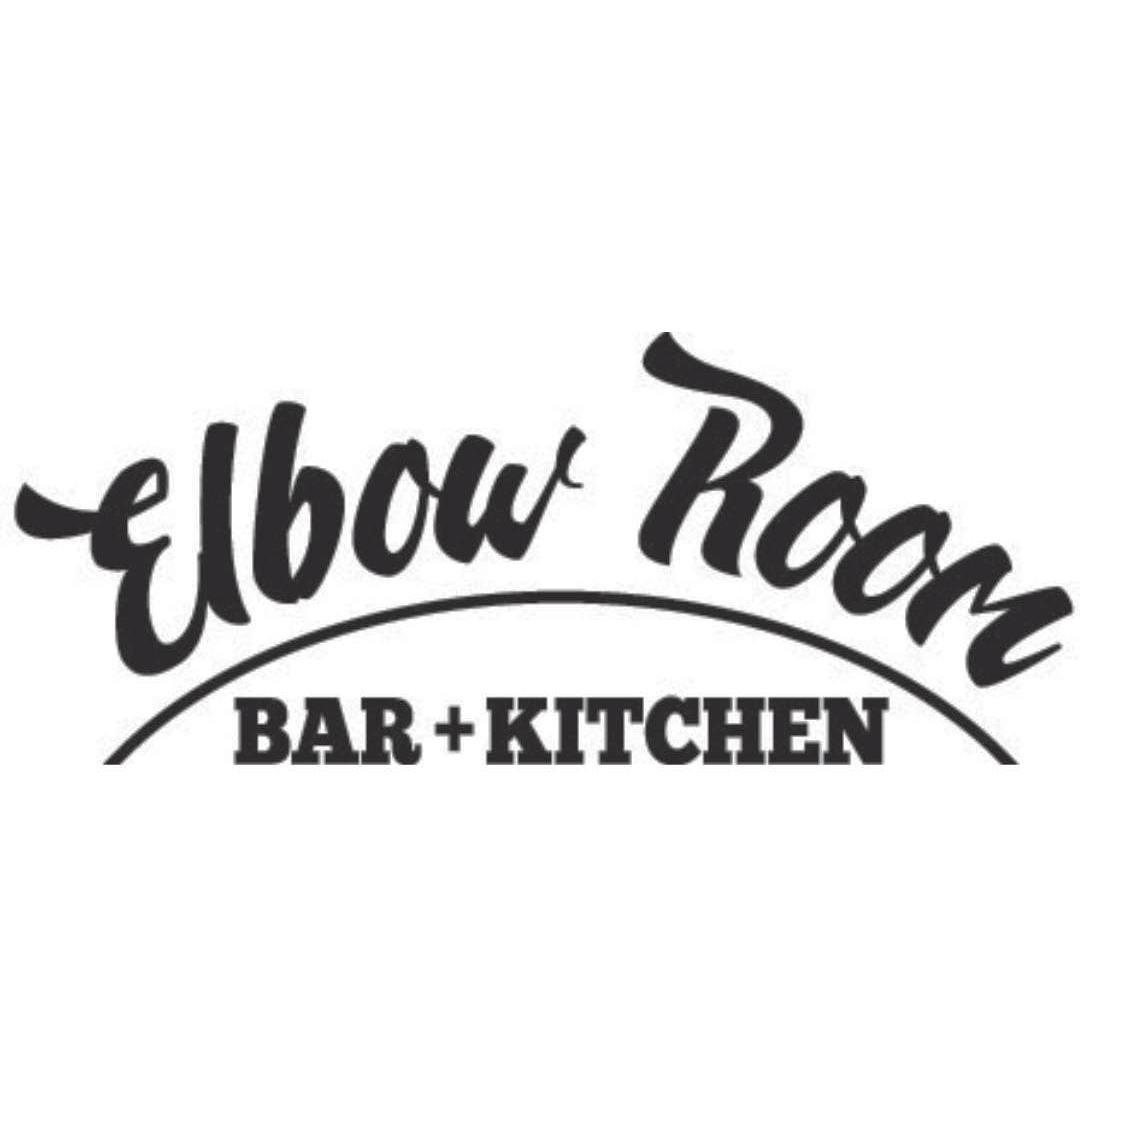 Elbow Room Bar + Kitchen